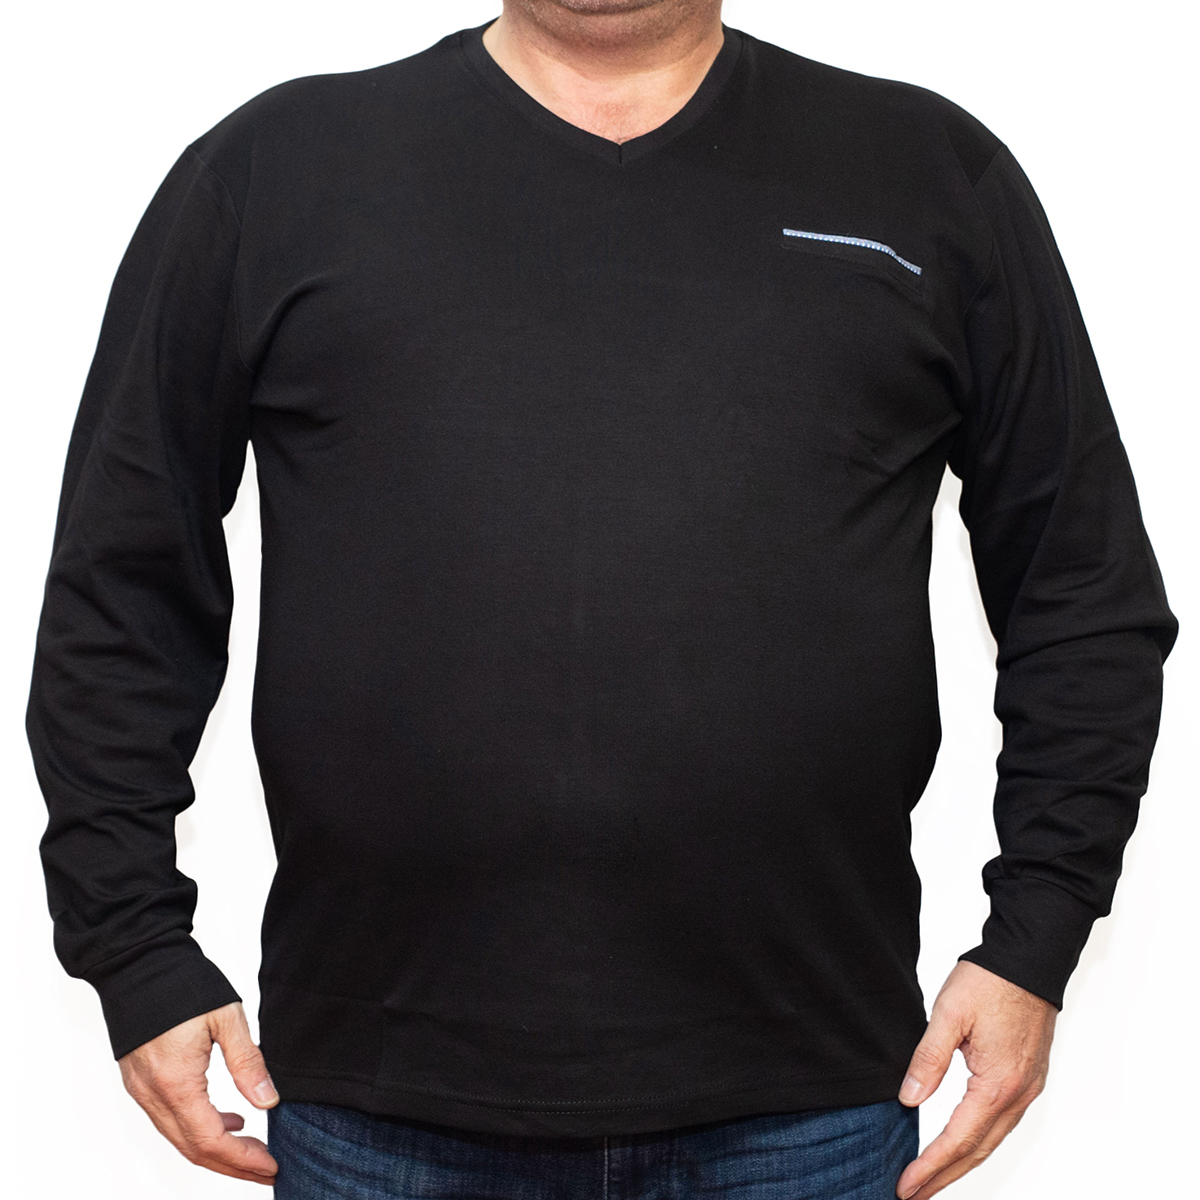 Bluza subtire neagra cu anchior , Marime 5XL - egato.ro